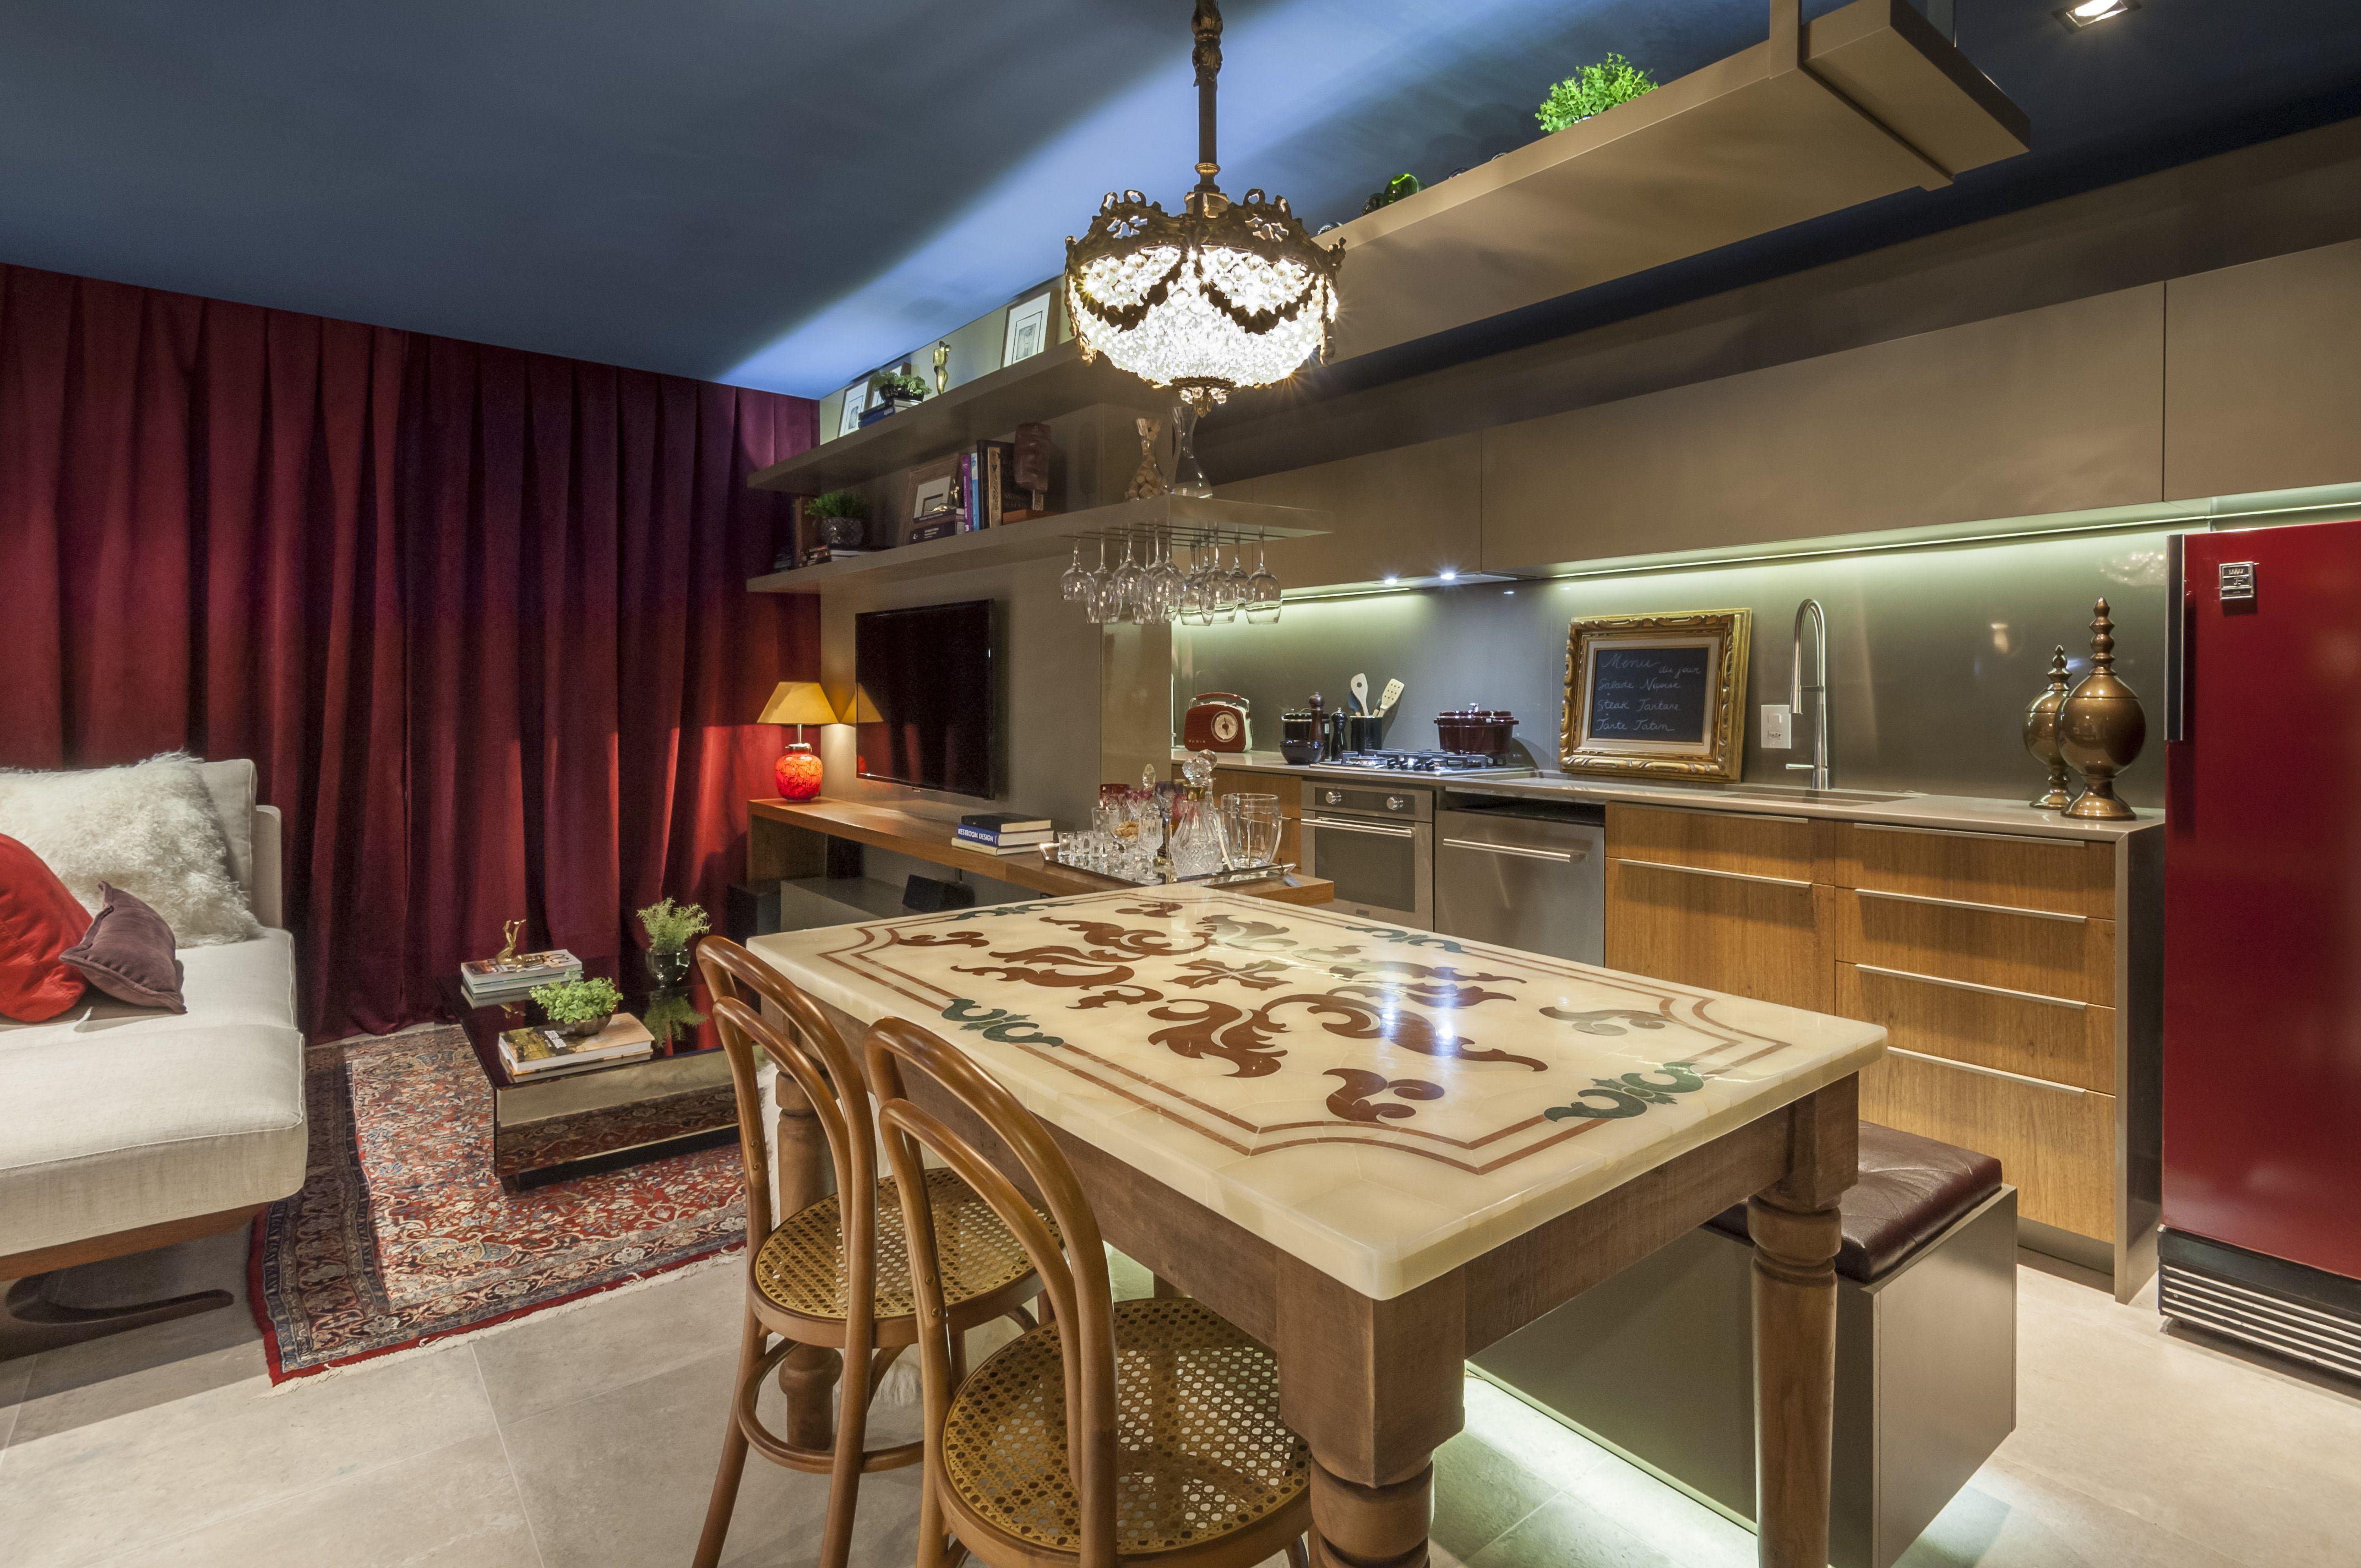 A sala feita pela arquiteta Mariana Marchioro para a 16ª Sala de Arquitetos de Caxias do Sul, levou o produto District HD DGR no chão.Salas, Rooms